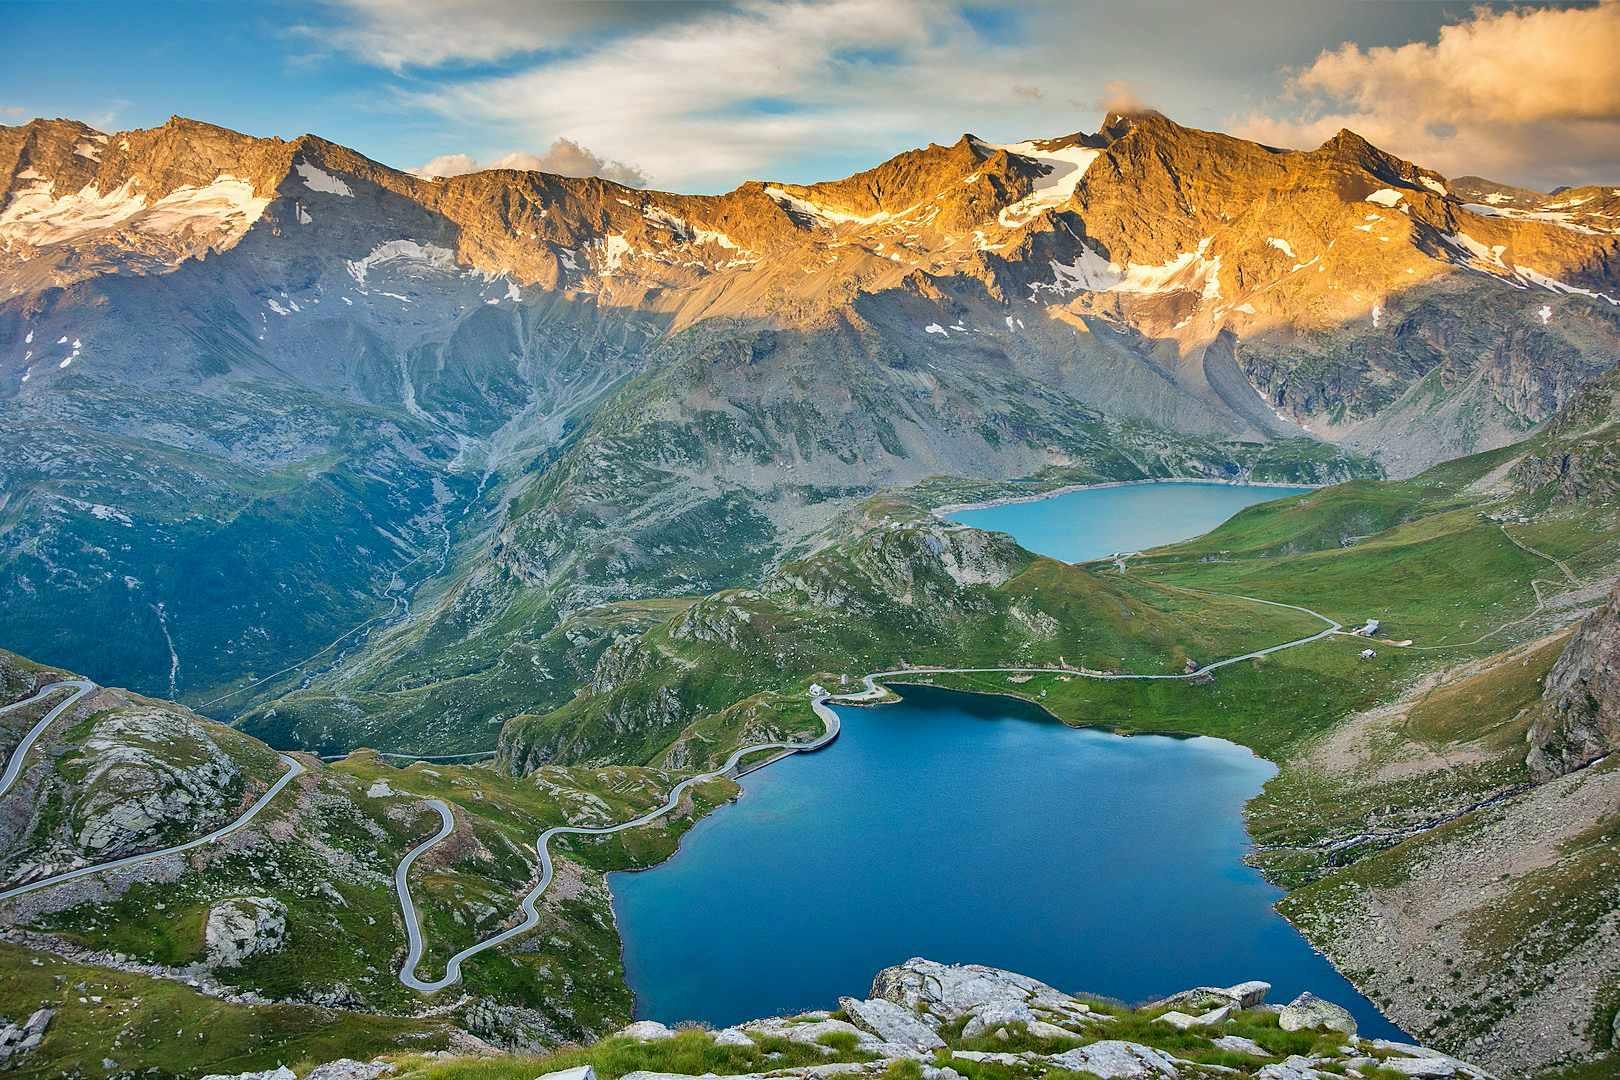 Escursione Laghi di Losere - Colle del Nivolet (Gran Paradiso)